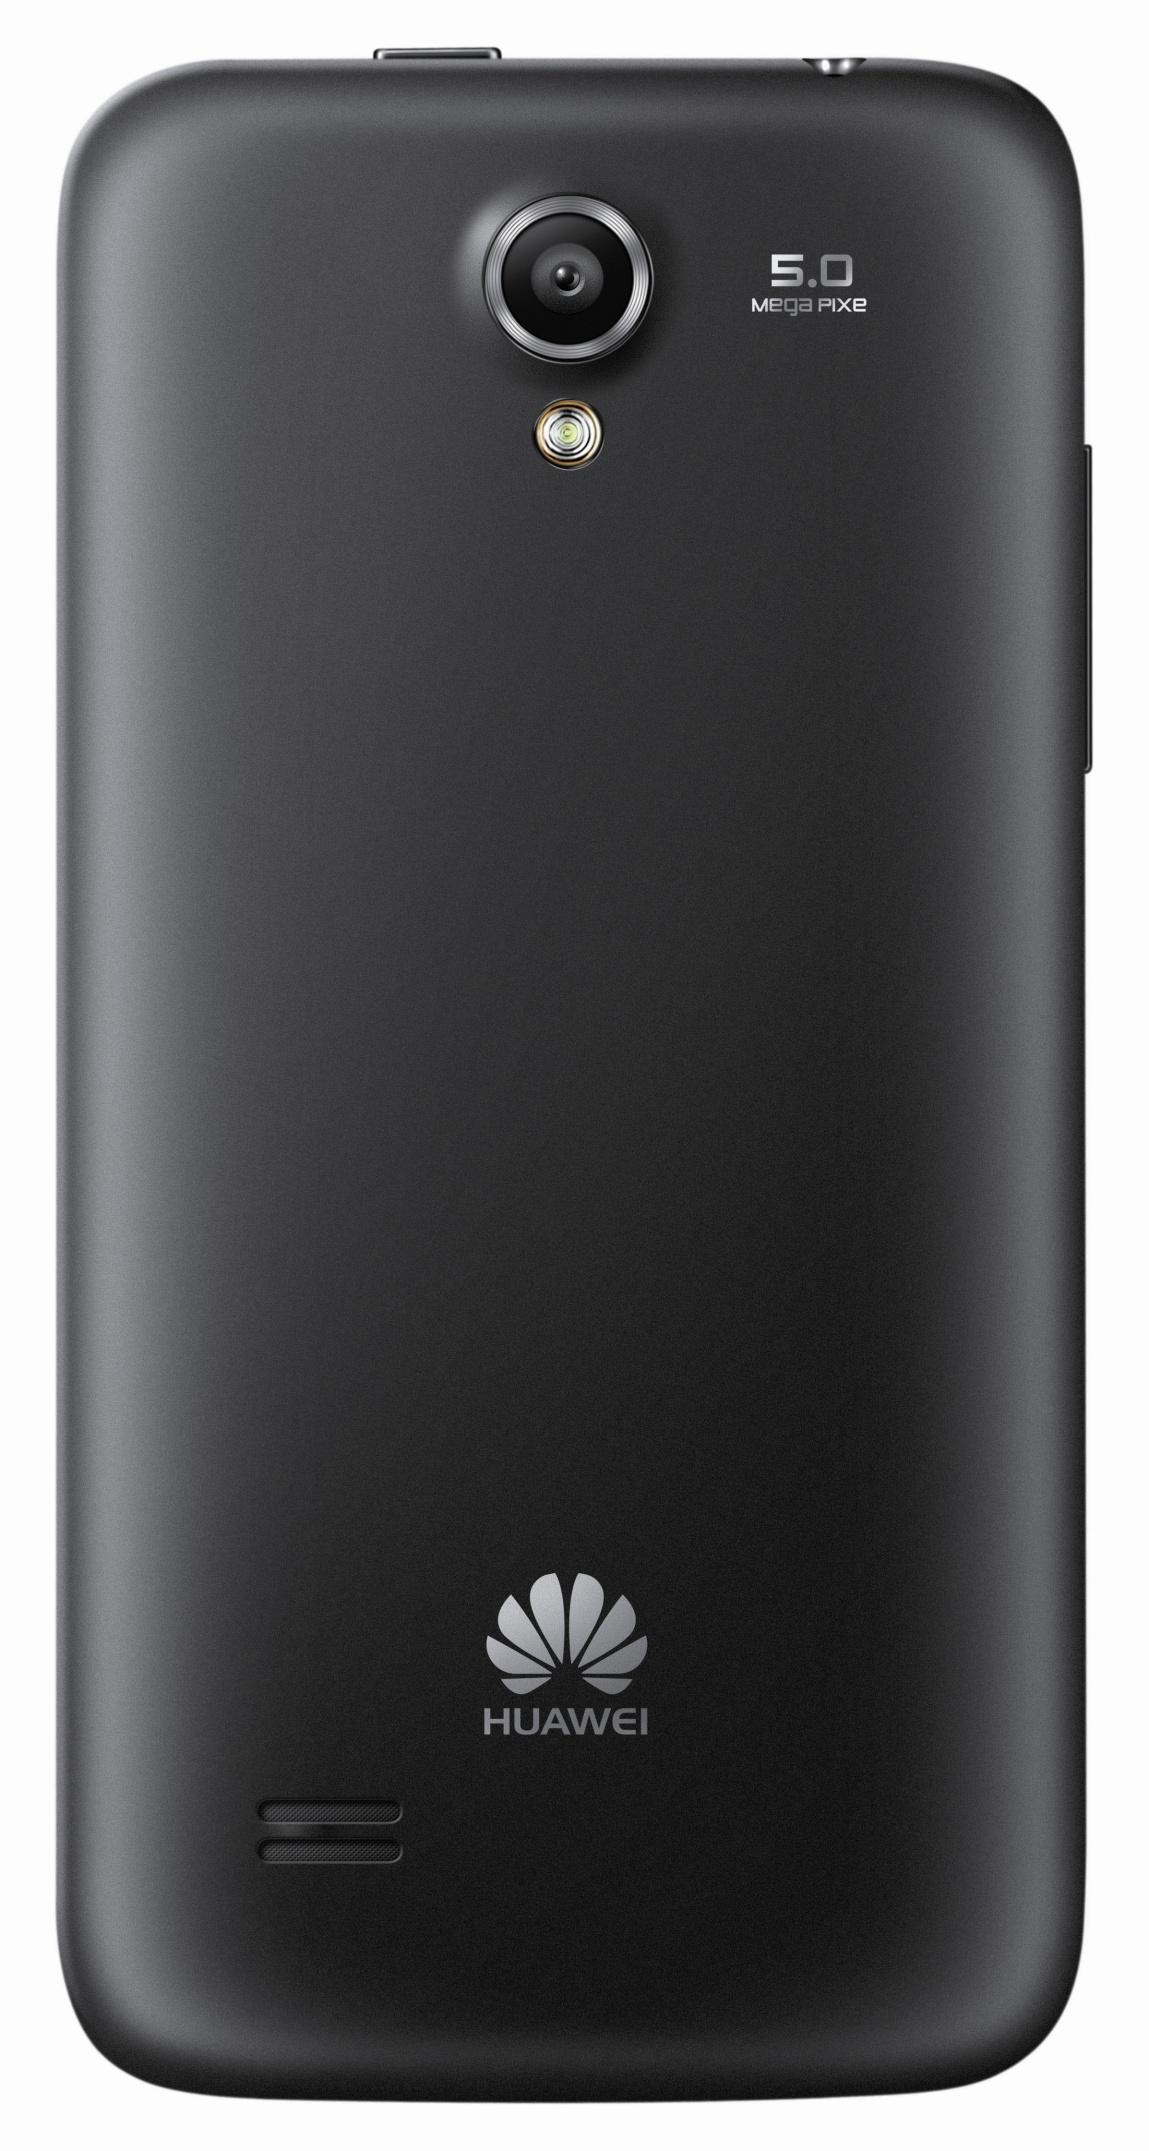 Huawei Ascend G 330: Android-Smartphone mit 4-Zoll-Display für unter 190 Euro - Die Kamera des Ascend G 330 hat 5 Megapixel, Autofokus und ein LED-Licht. (Bild: Huawei)